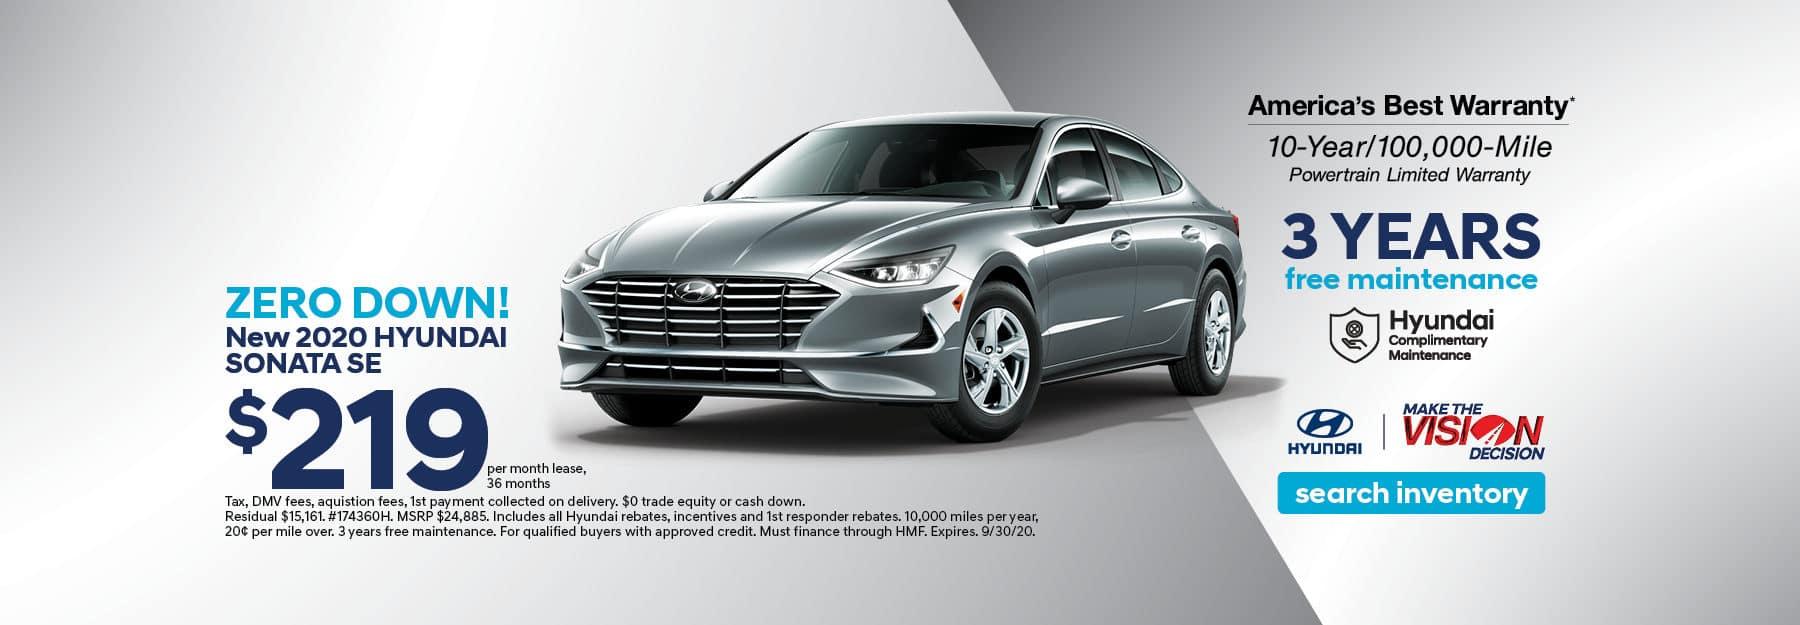 Vision_Hyundai_Sliders-0910-Sonata